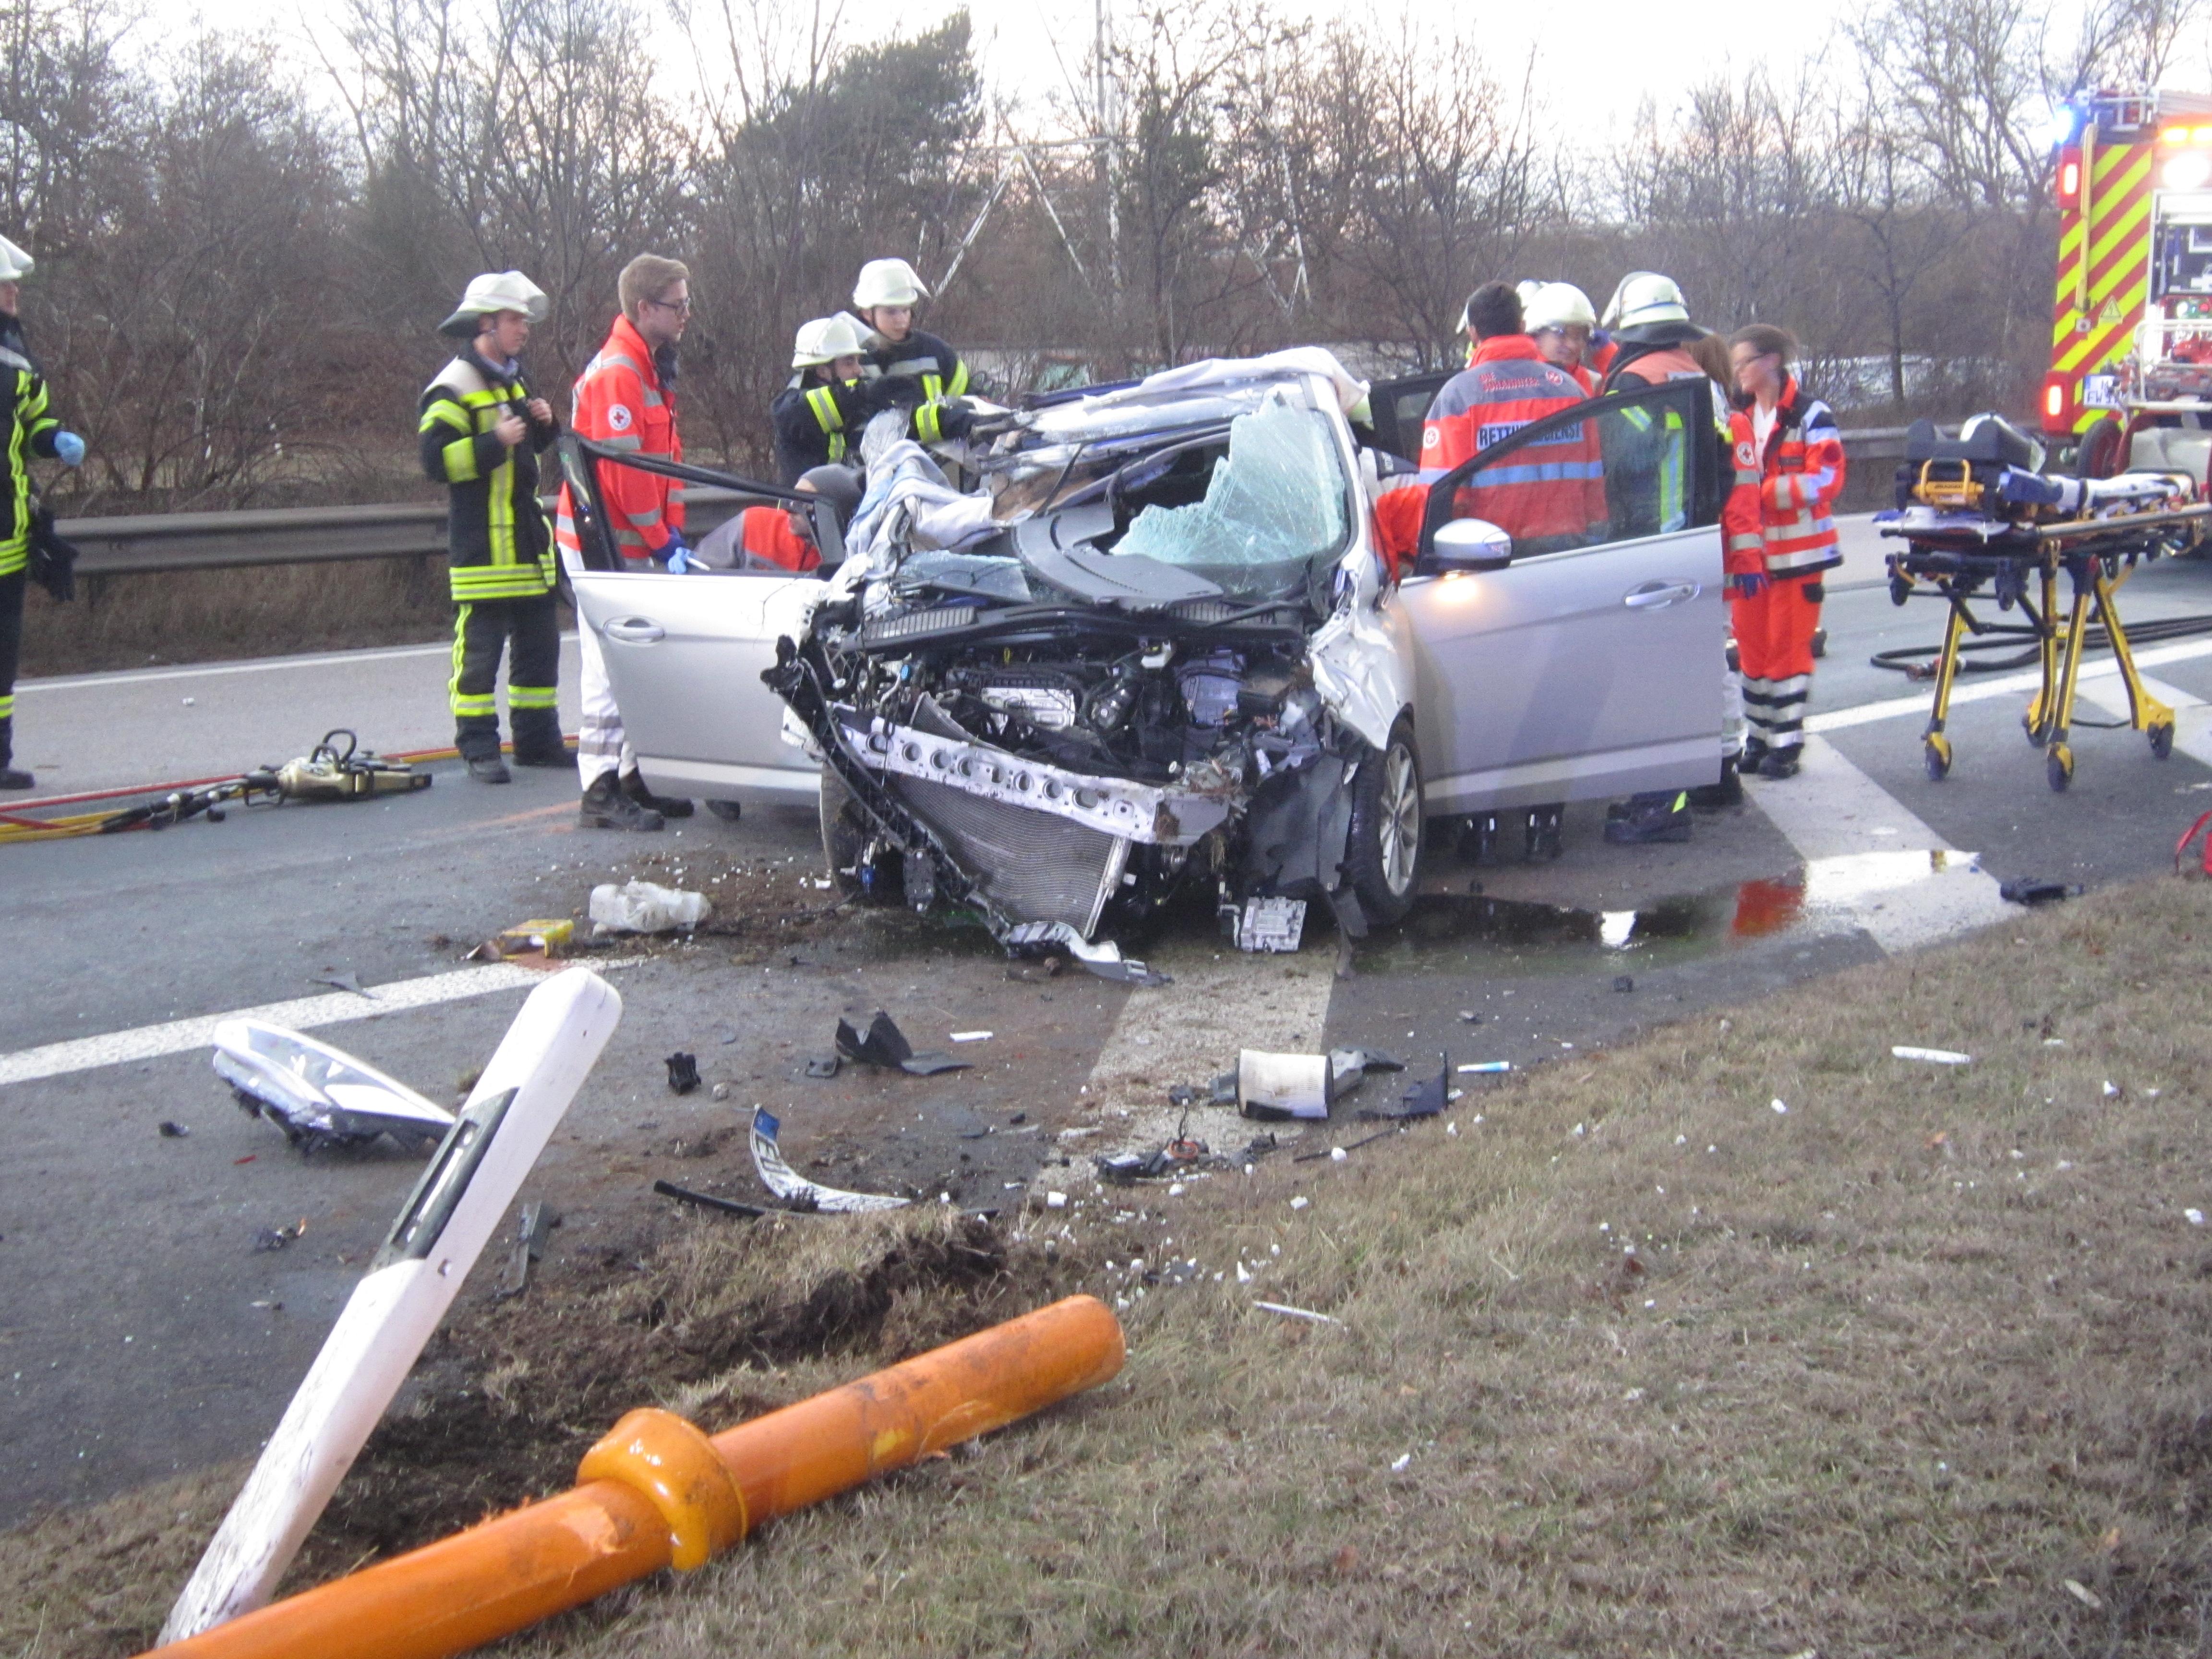 ▷ POL-VDMZ: Verkehrsunfall mit Personenschaden auf der BAB 643 ...